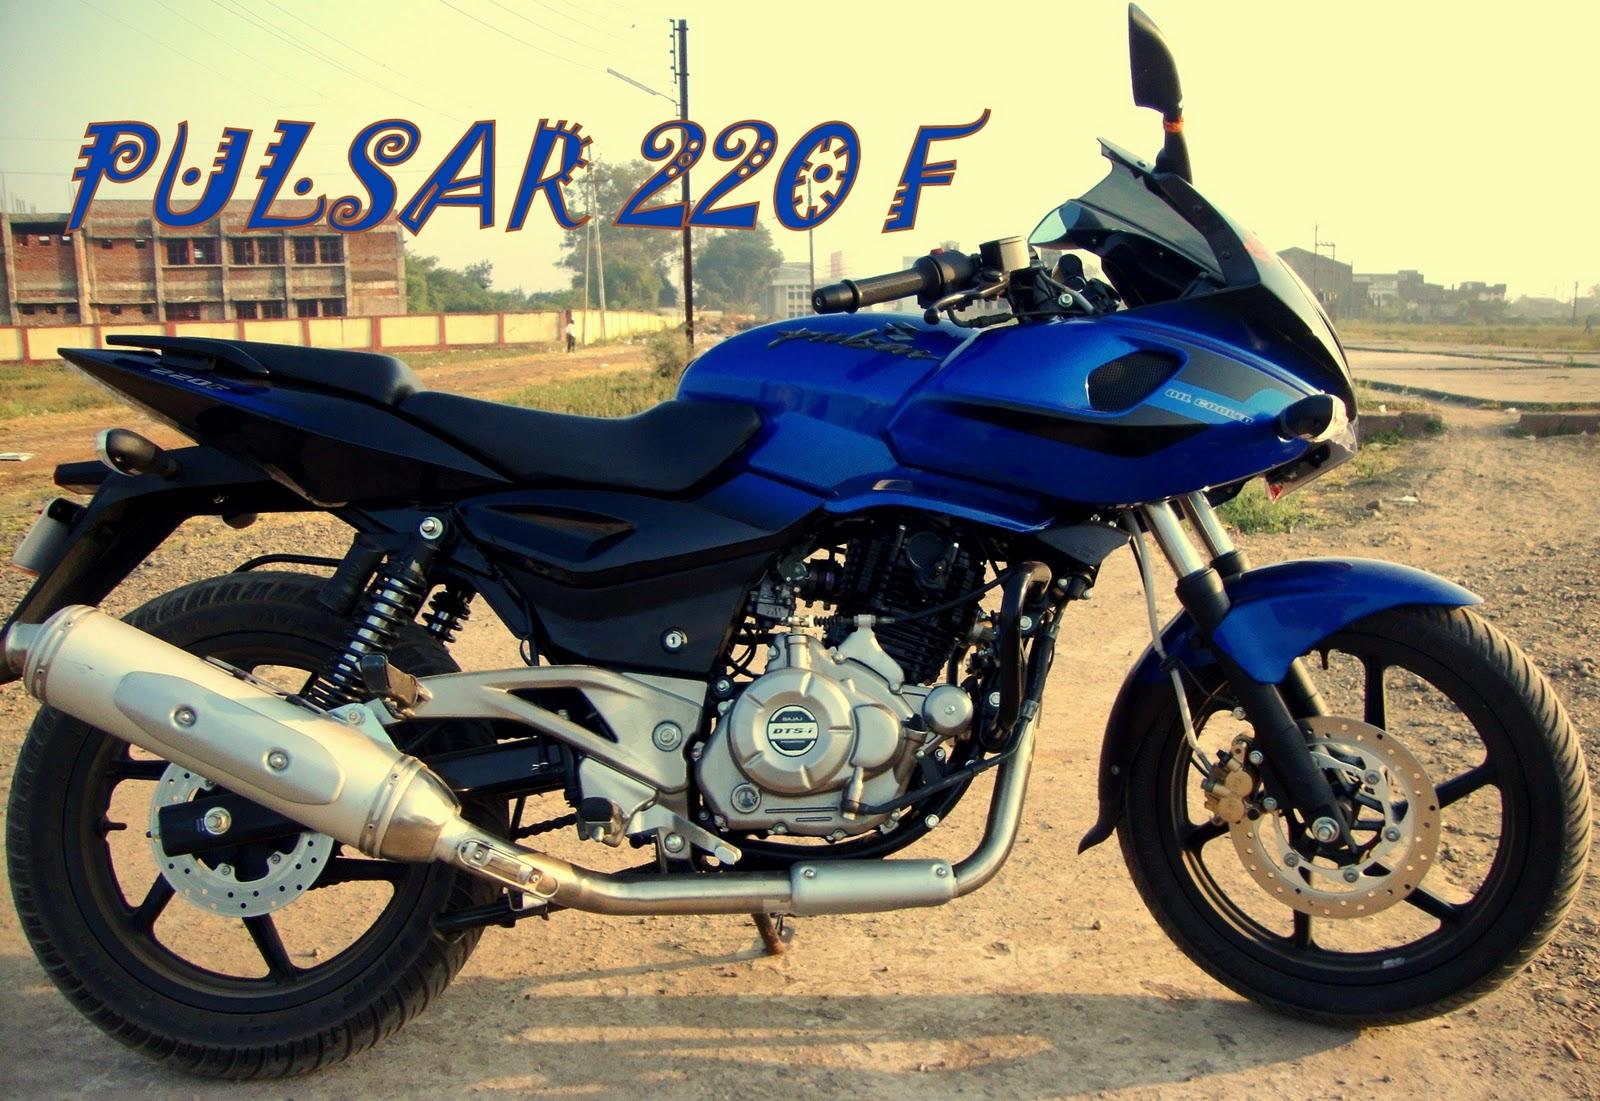 Image Result For Pulsar Gadi Ki Photo